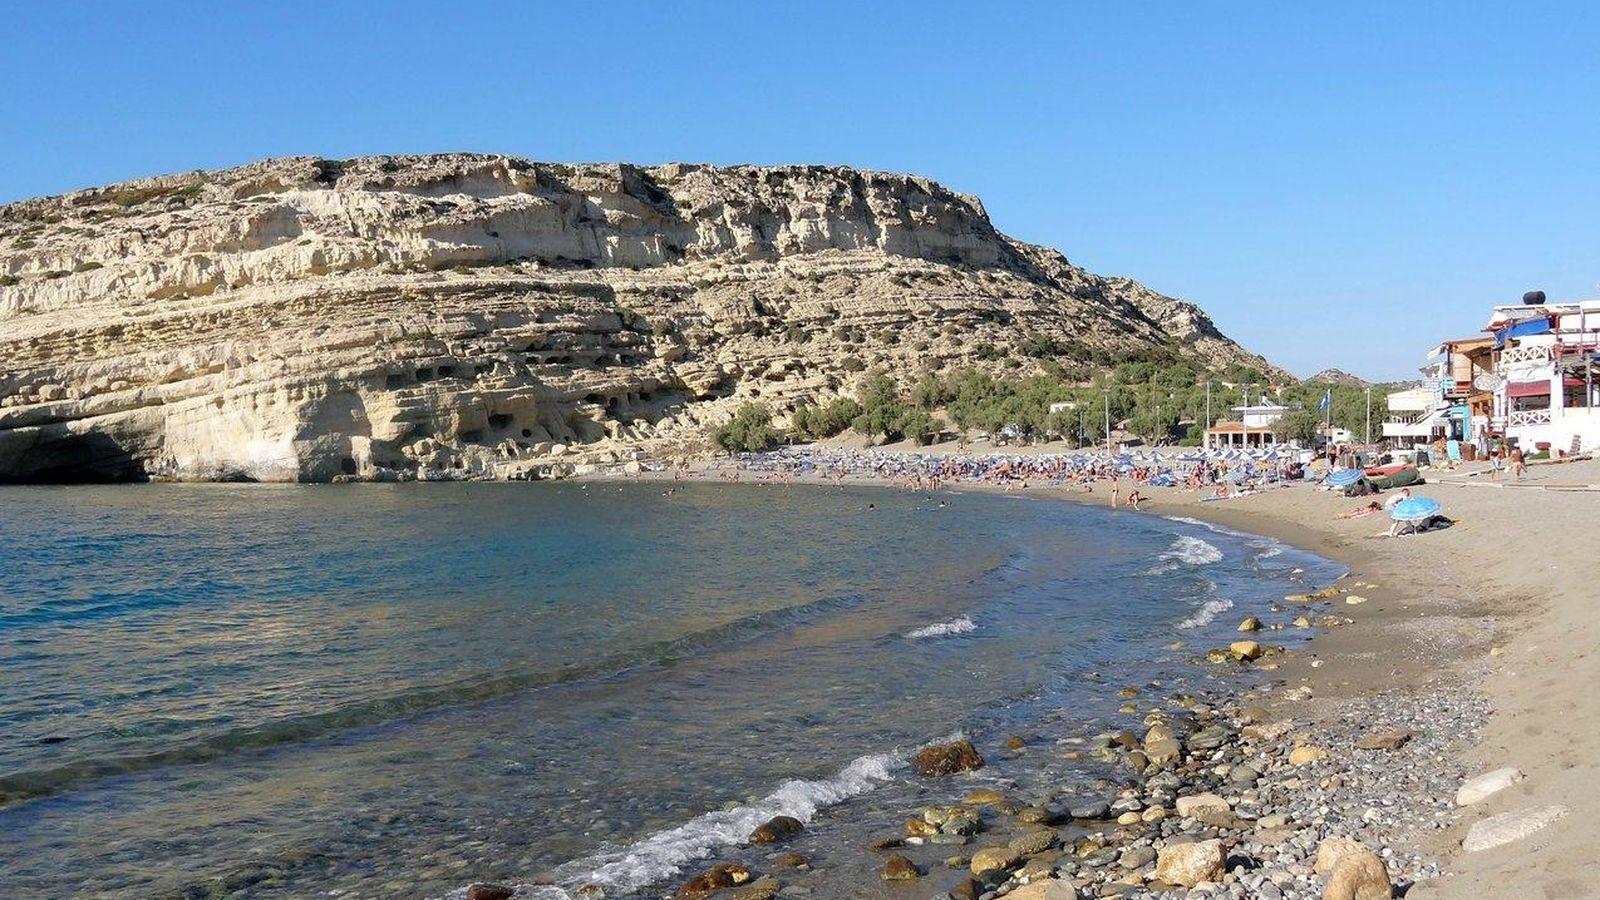 Foto: Las costas de Creta se verían afectadas si hubiera un tsunami en el este del Mediterráneo